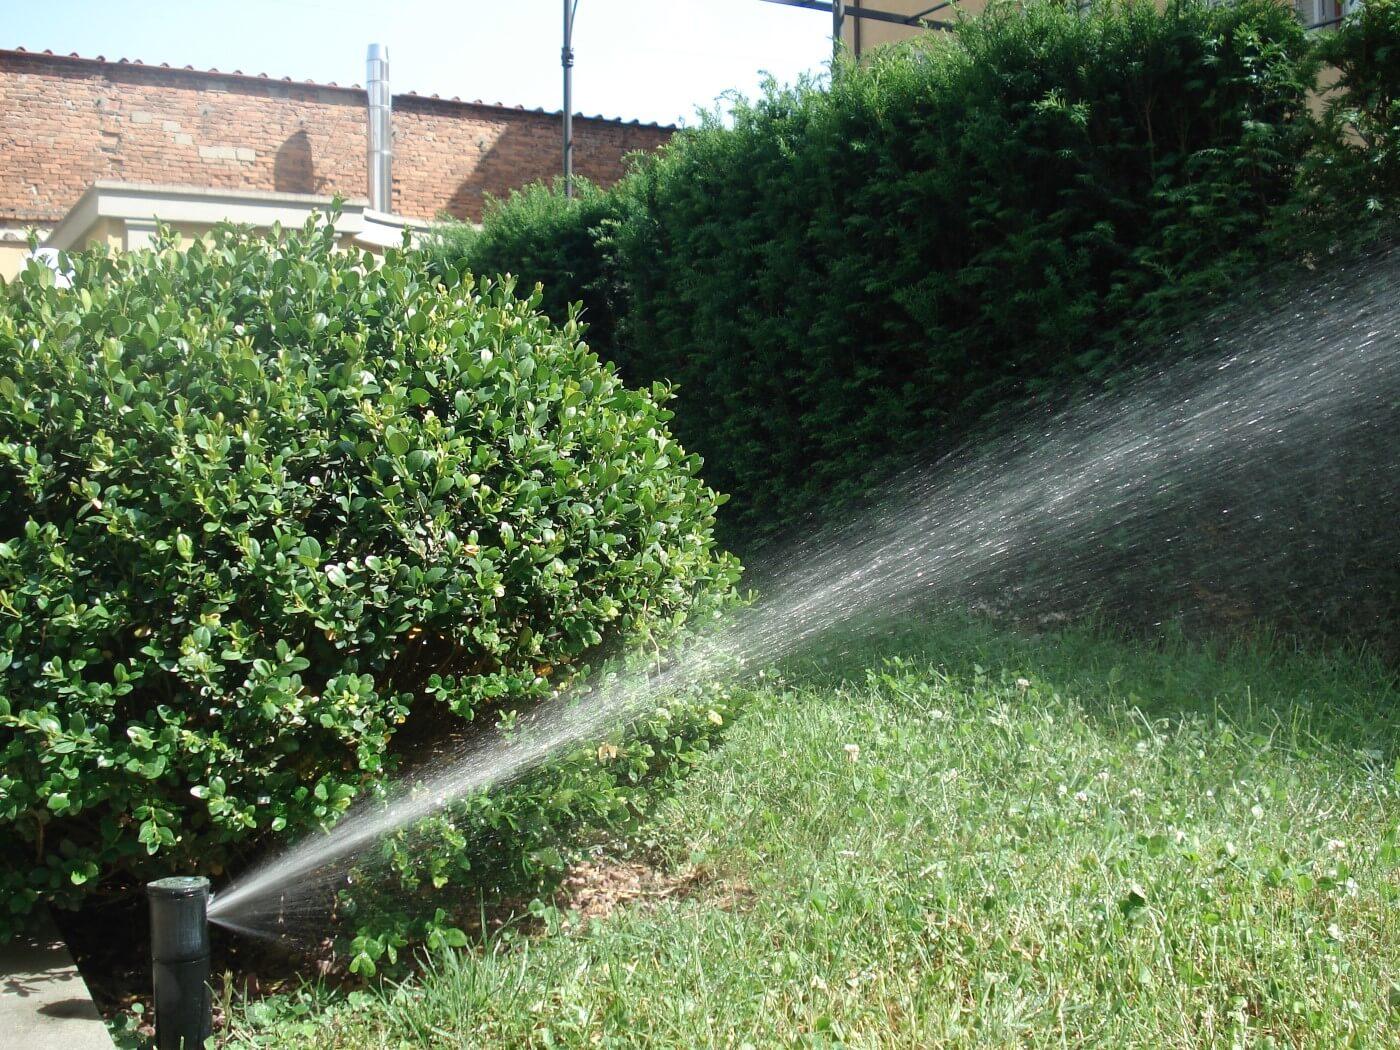 Irrigation of a garden